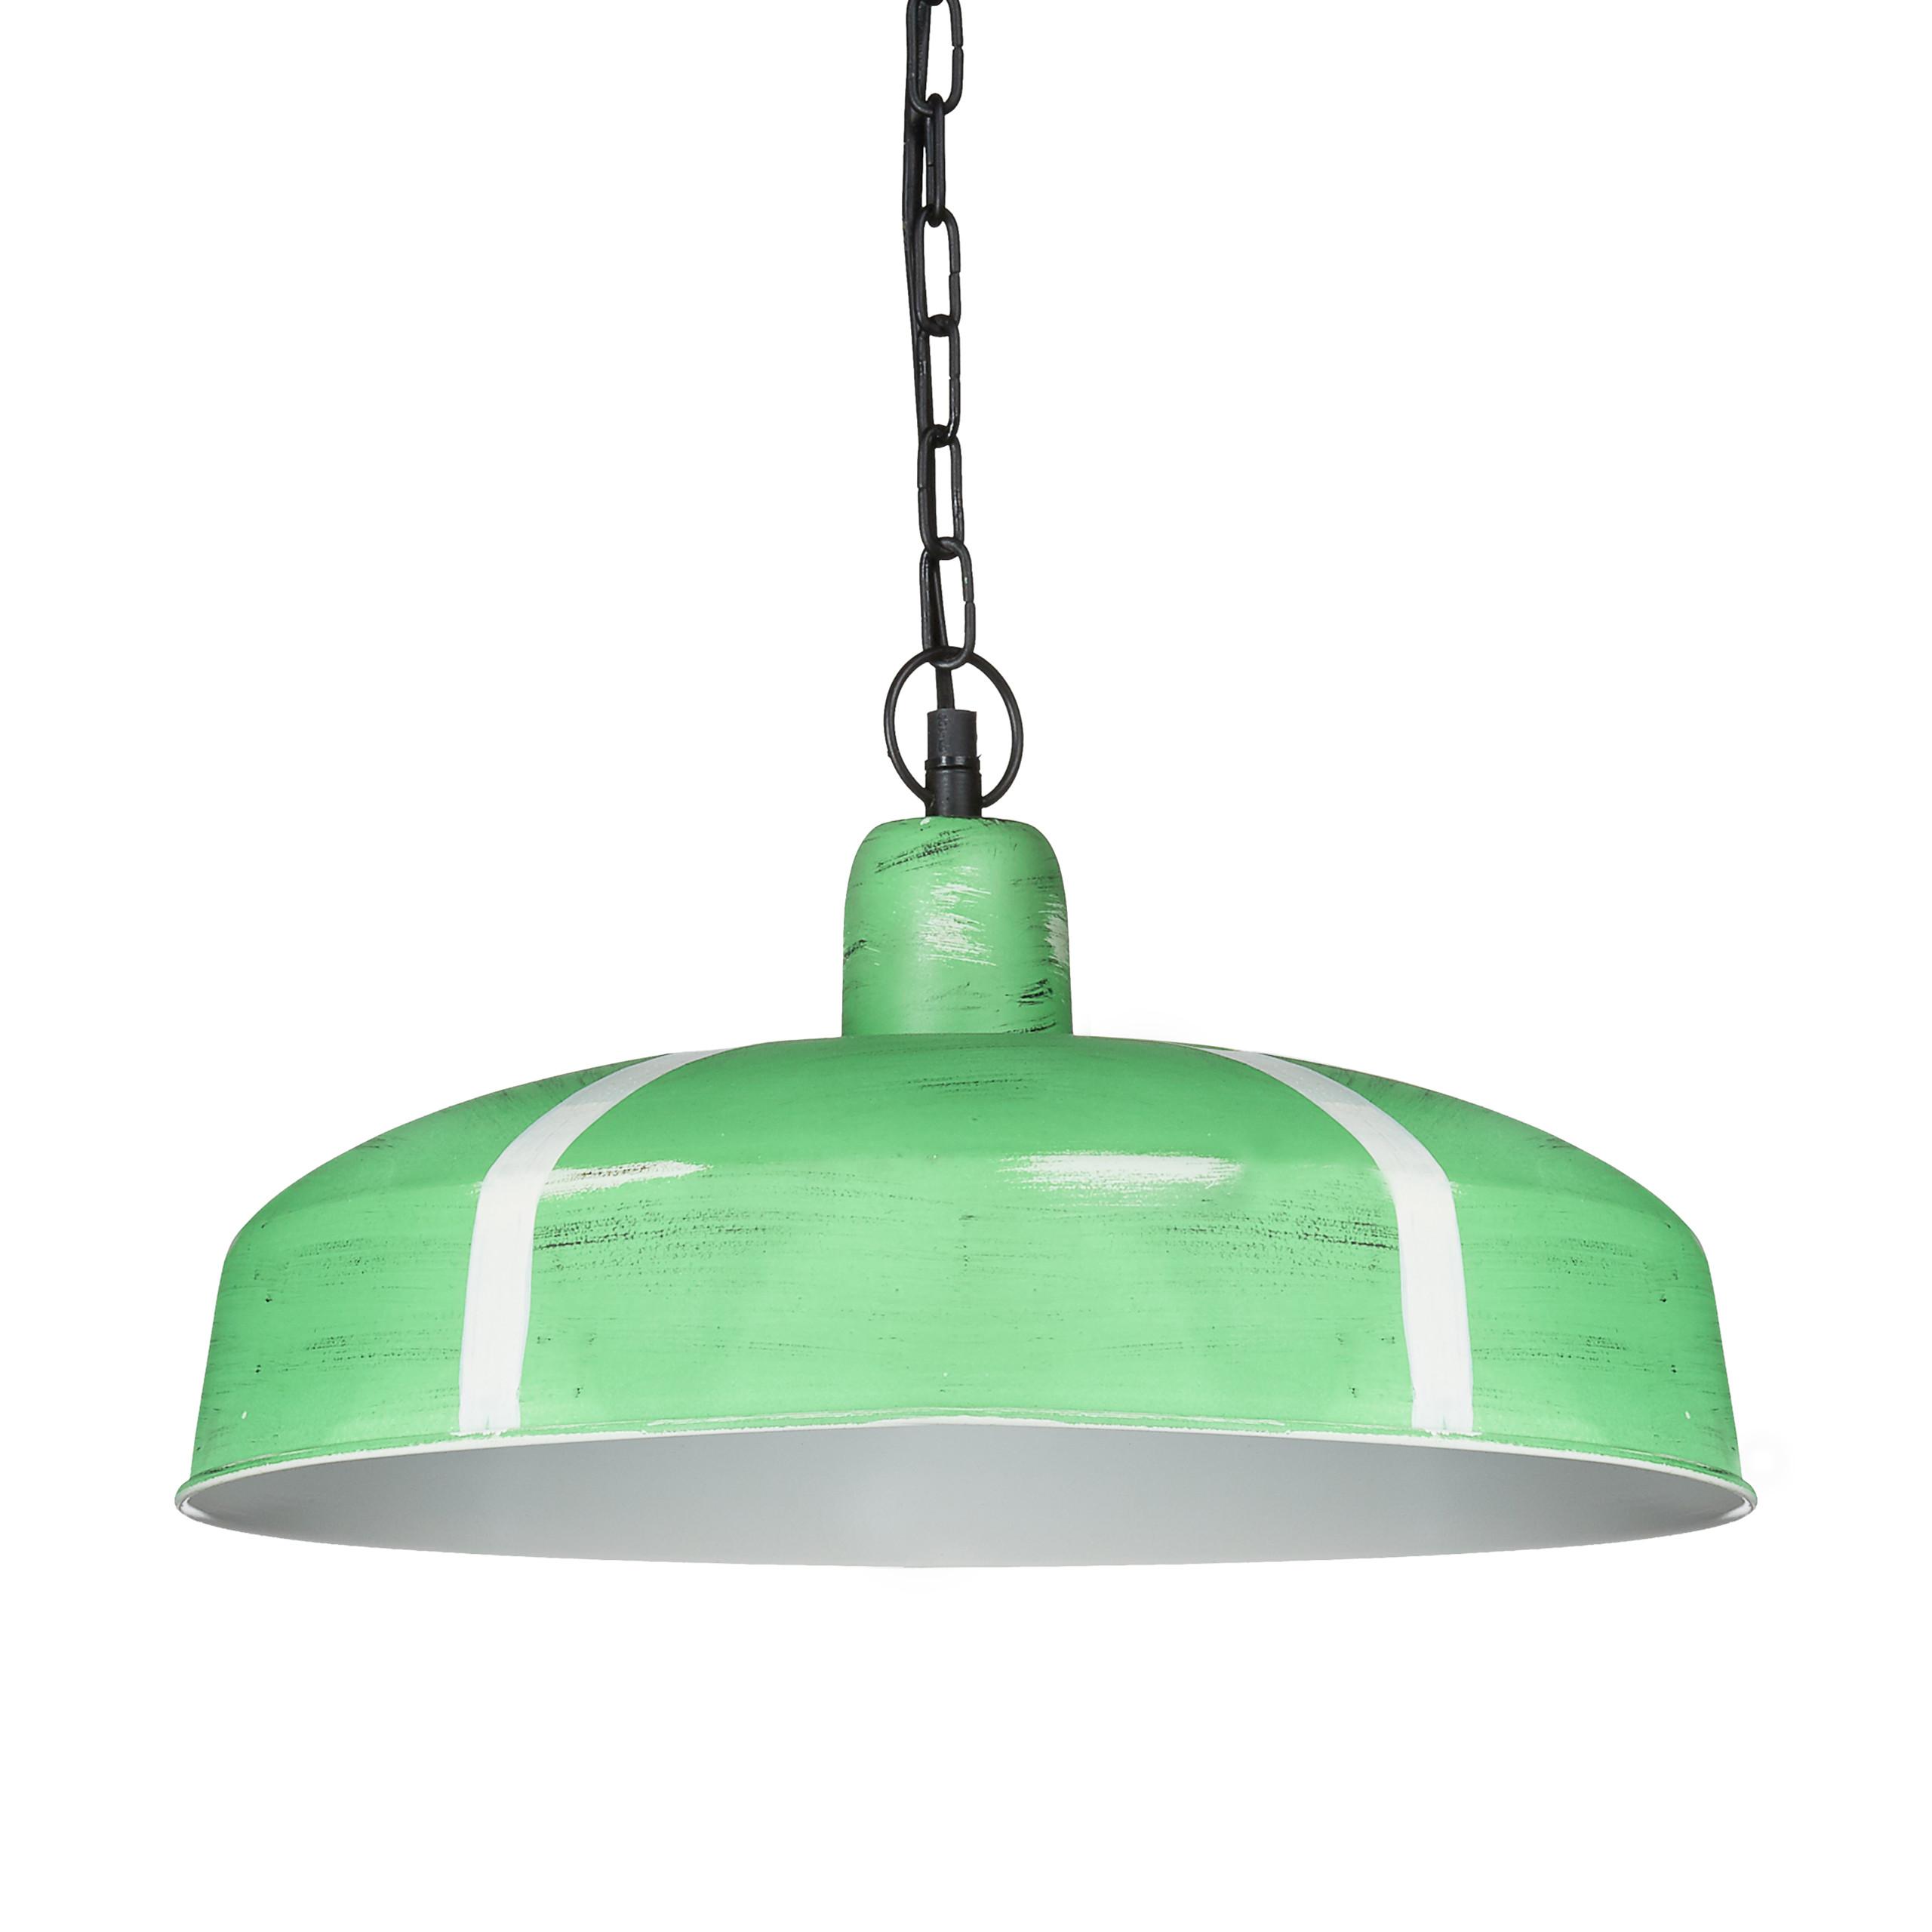 Lampara-colgante-de-techo-color-verde-blanco-diseno-industrial-iluminacion-hogar